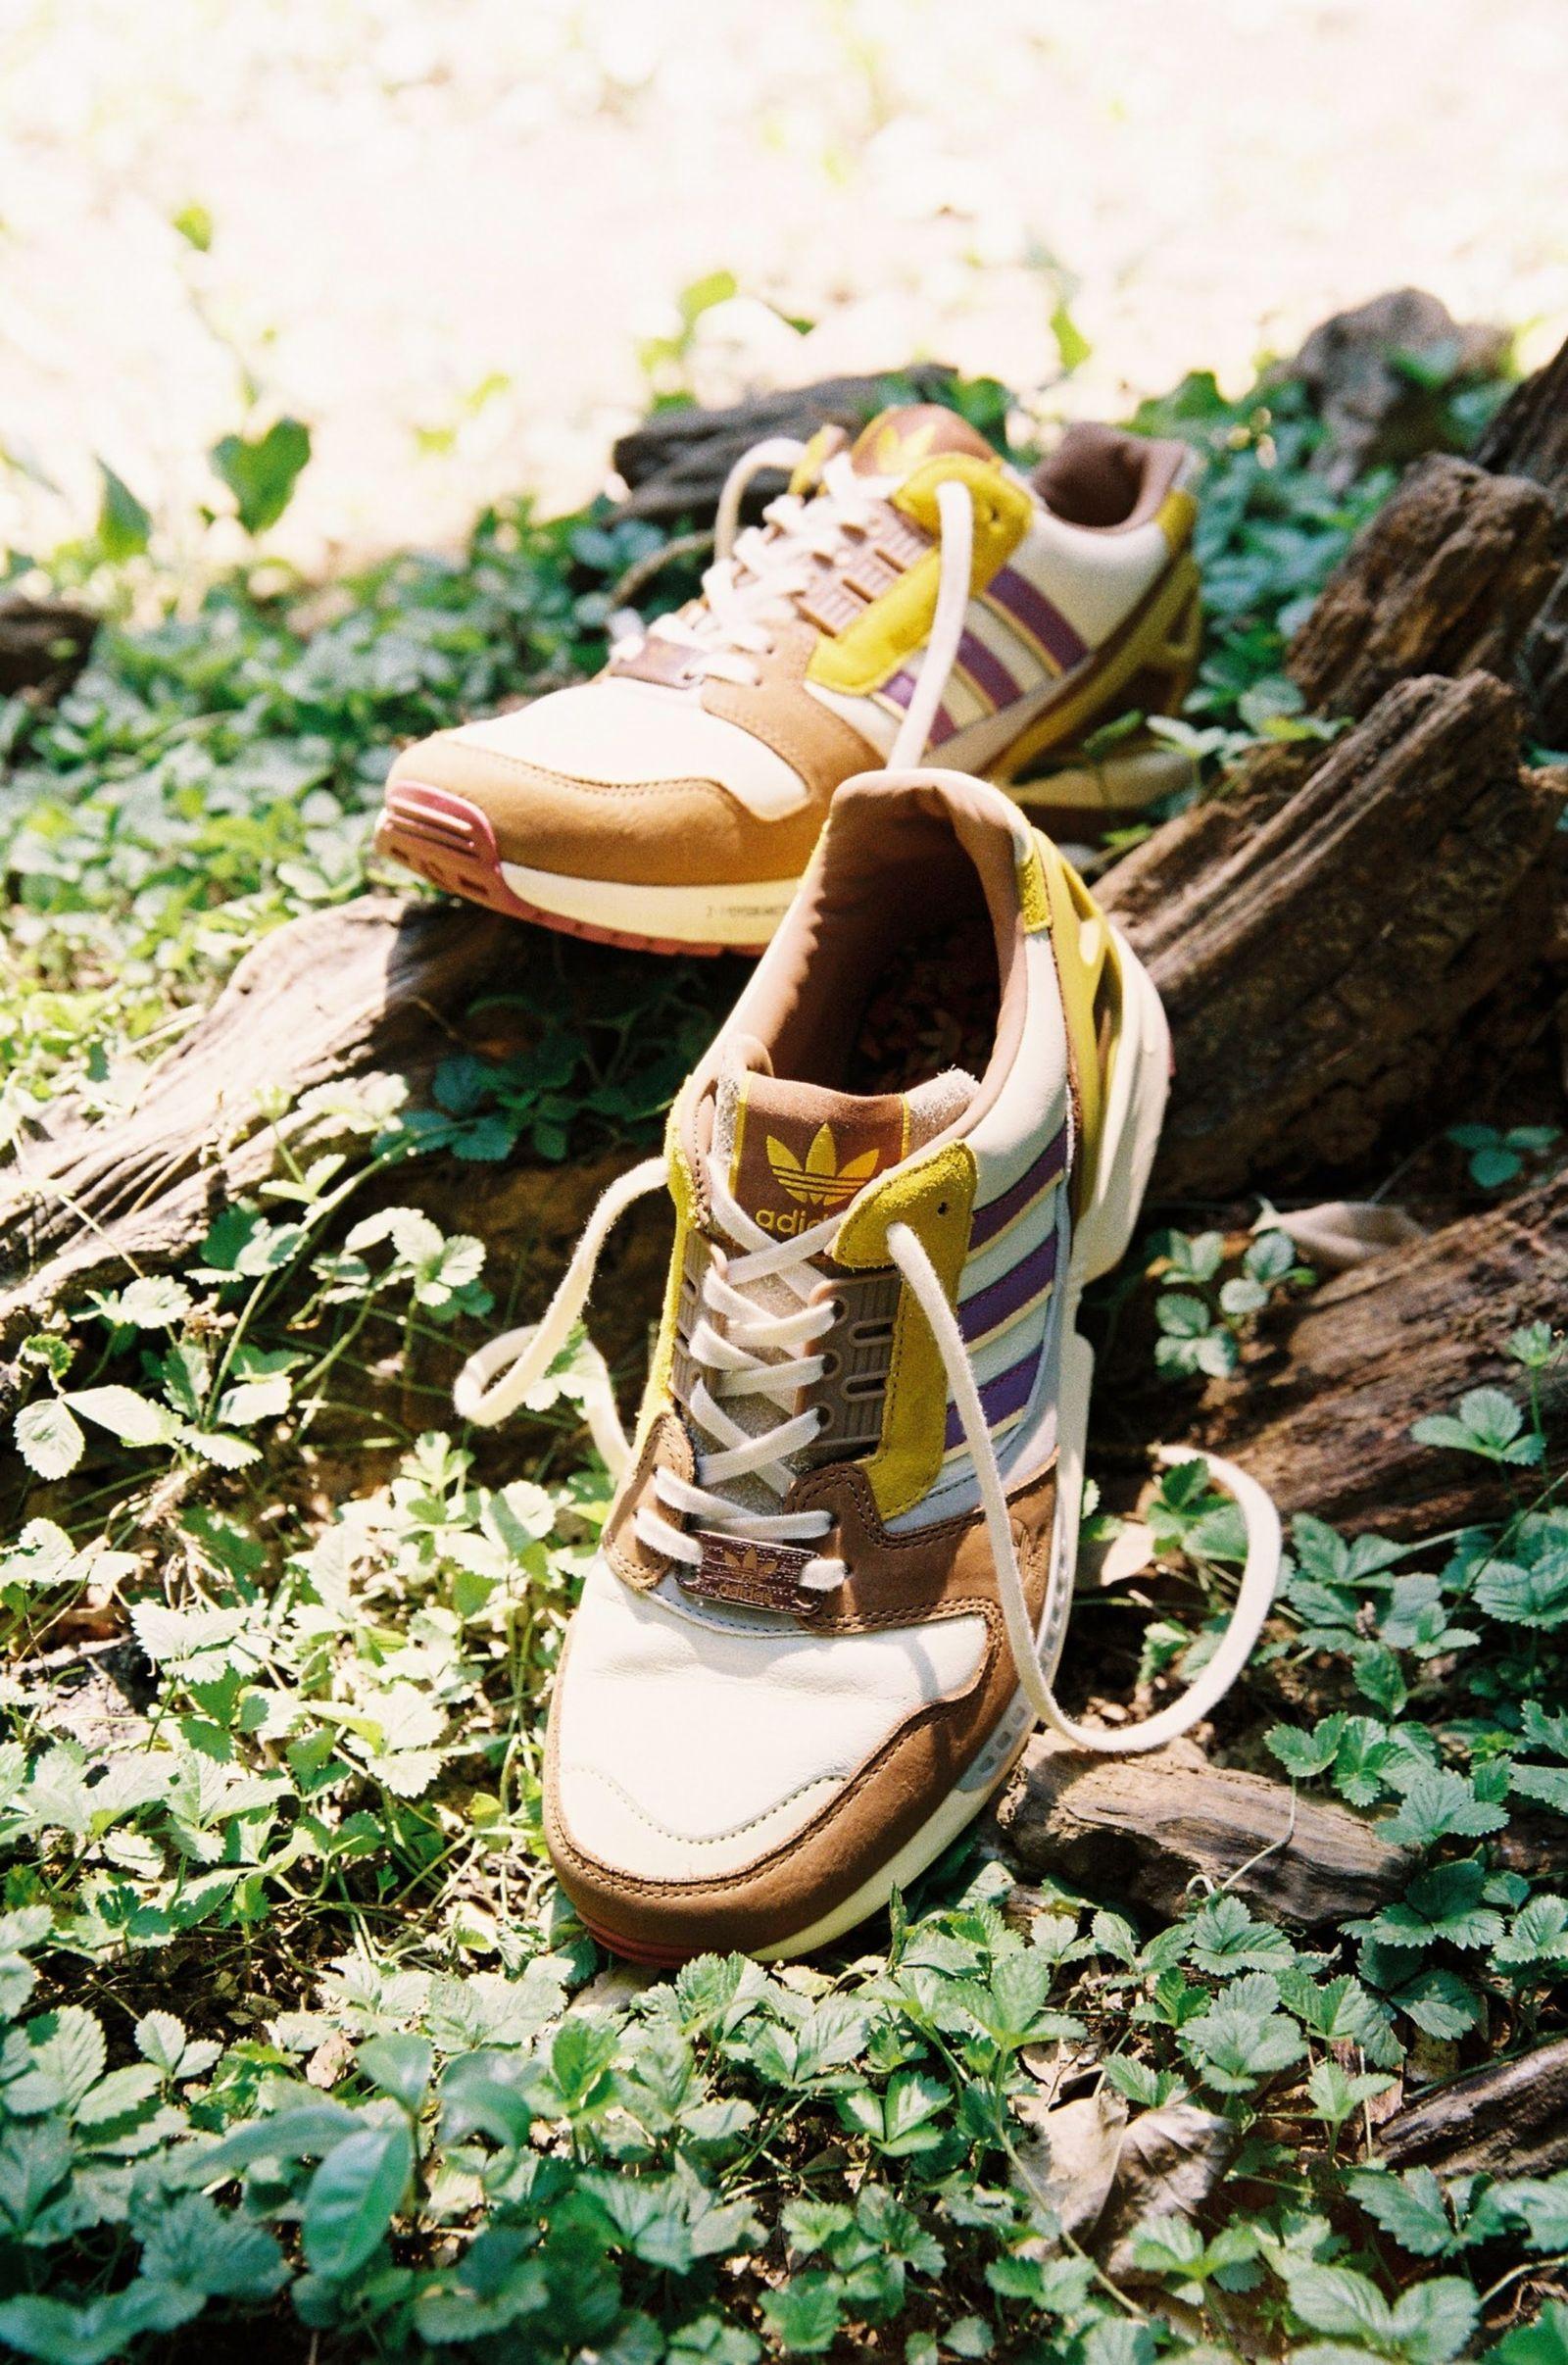 adidas-originals-atmos-yoyogi-park-pack-lb-8